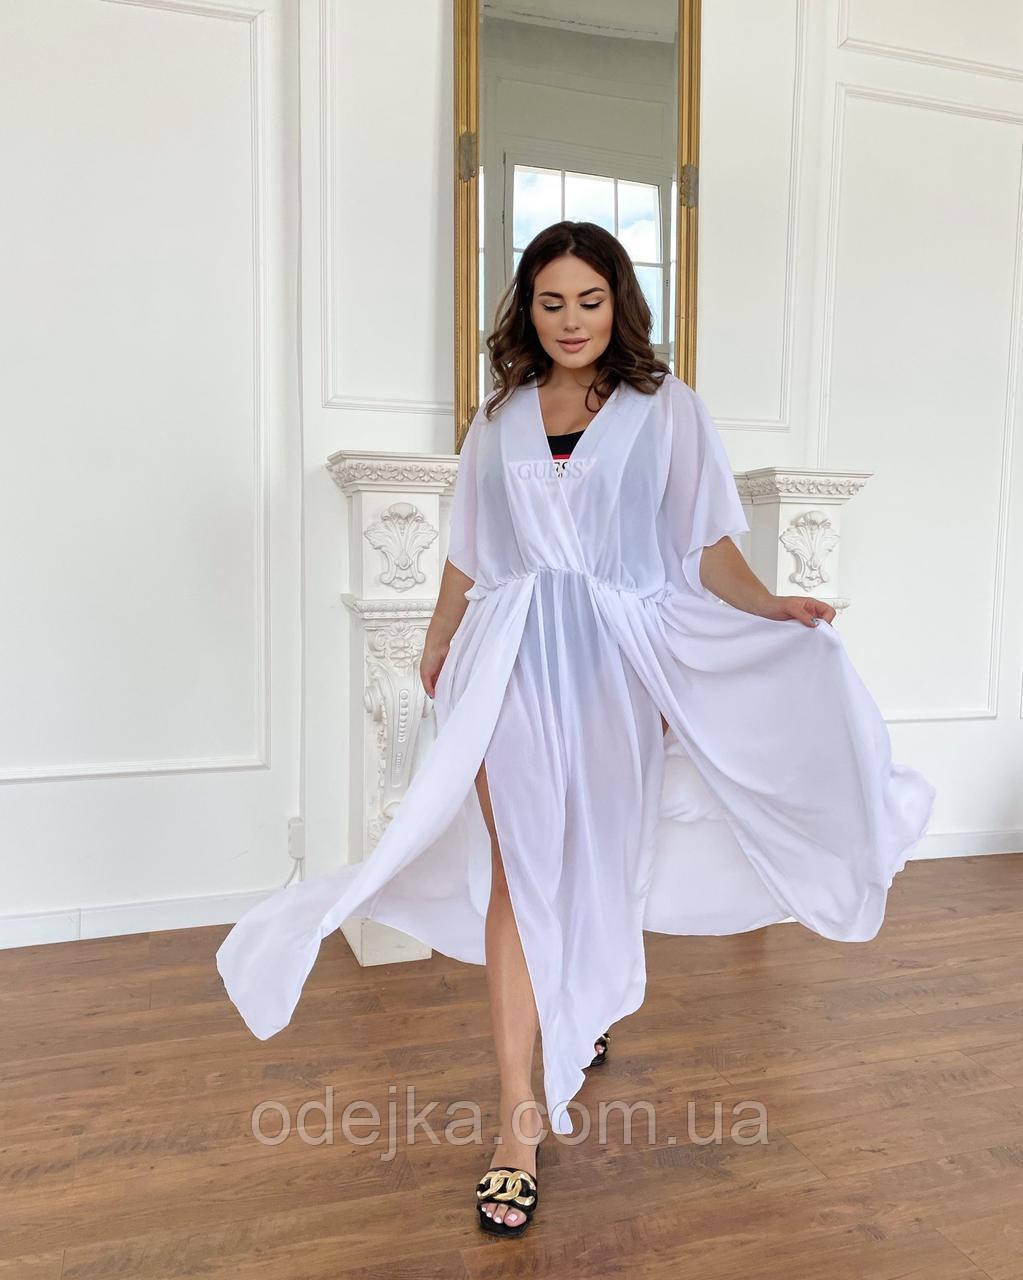 Пляжная длинная туника - платье белый